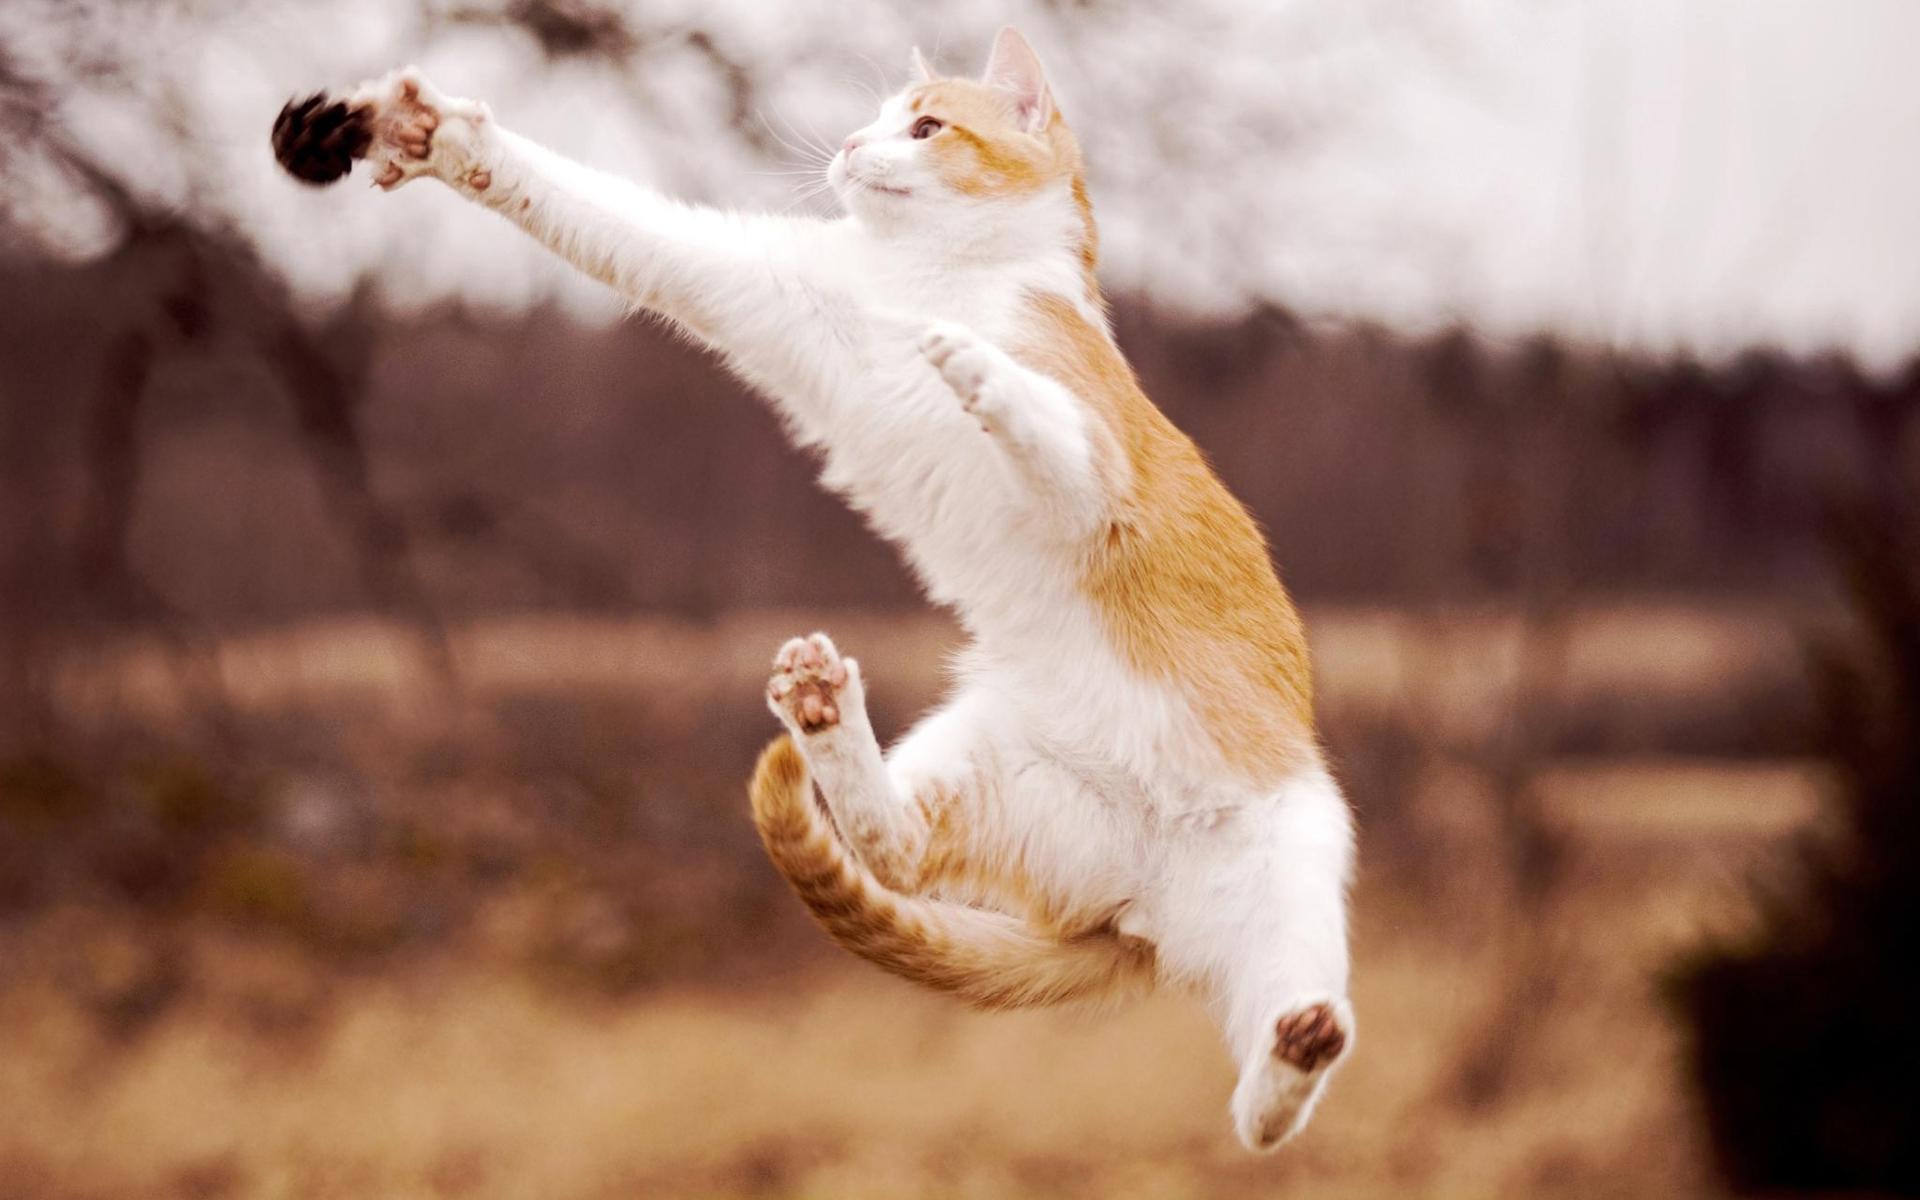 Cat jump catch